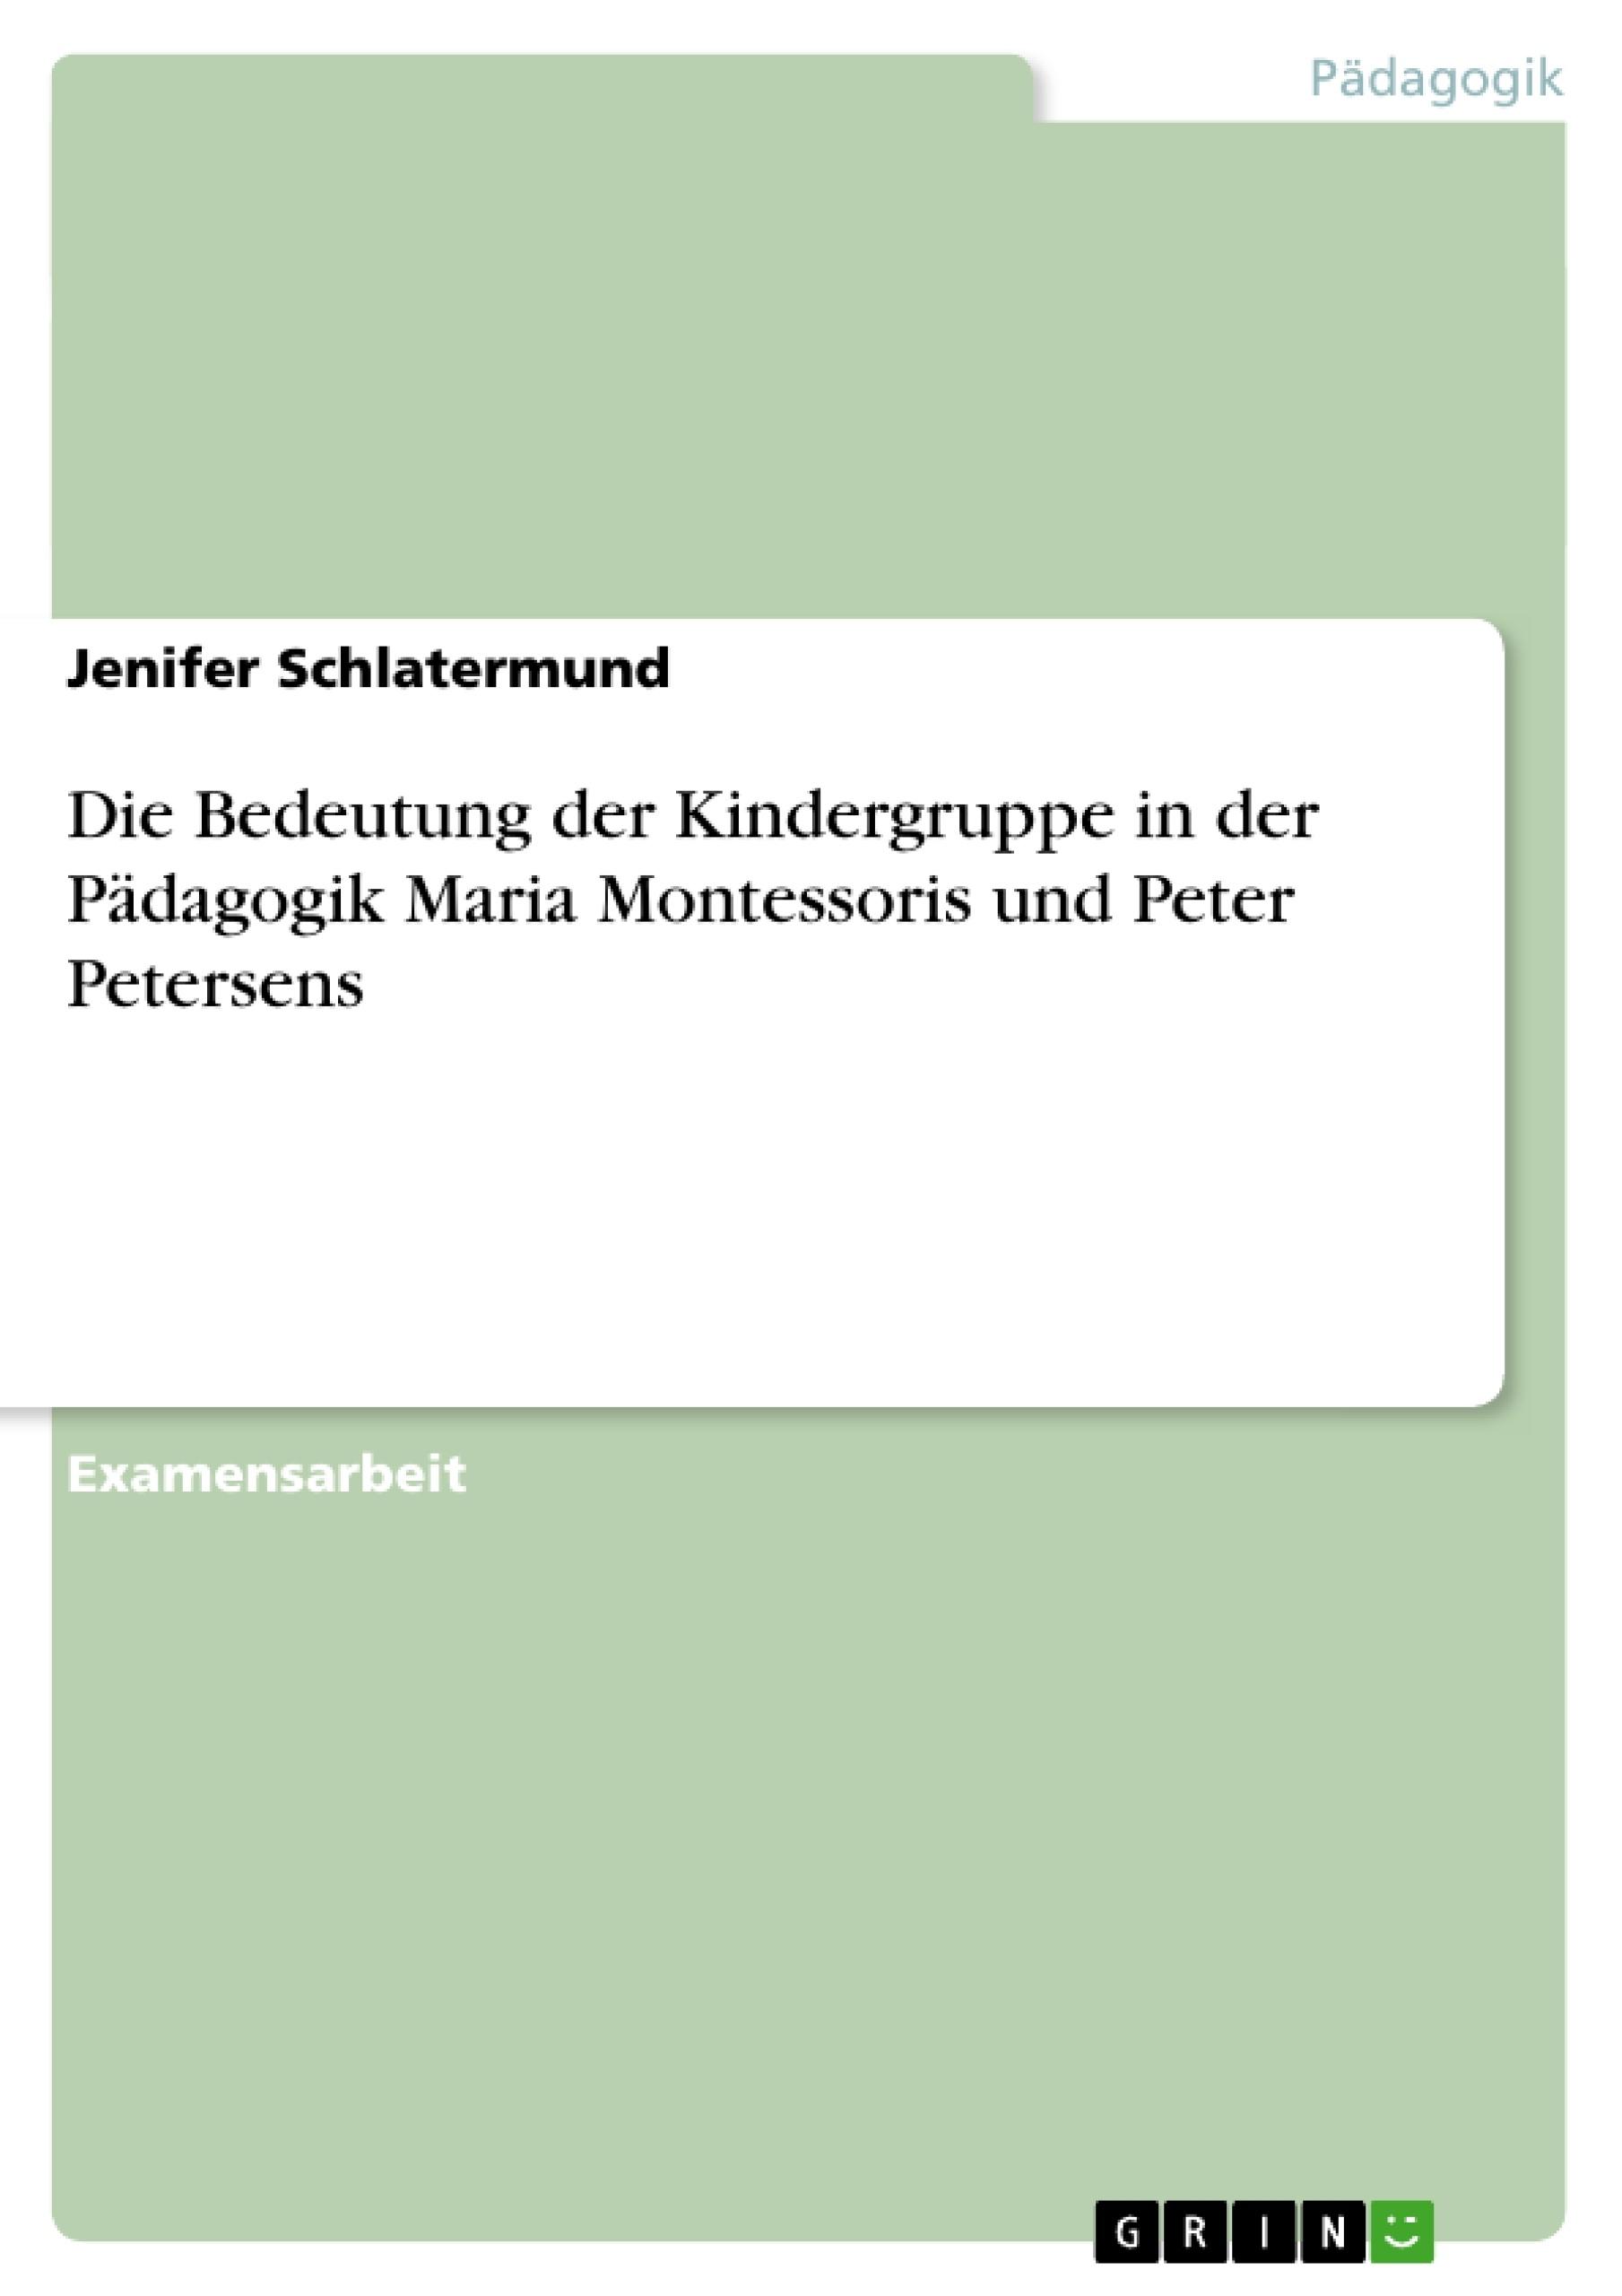 Titel: Die Bedeutung der Kindergruppe in der Pädagogik Maria Montessoris und Peter Petersens